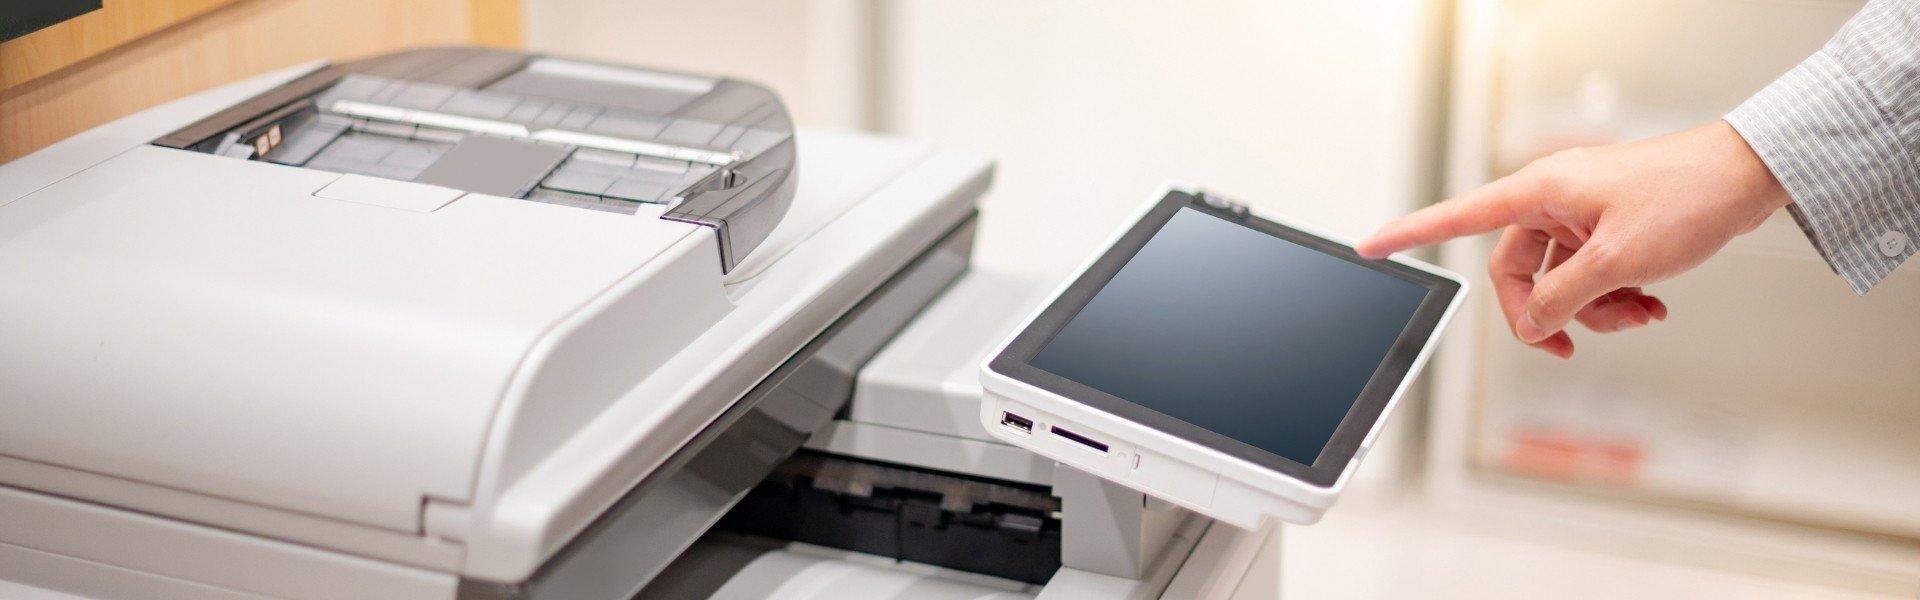 Ekran drukarki